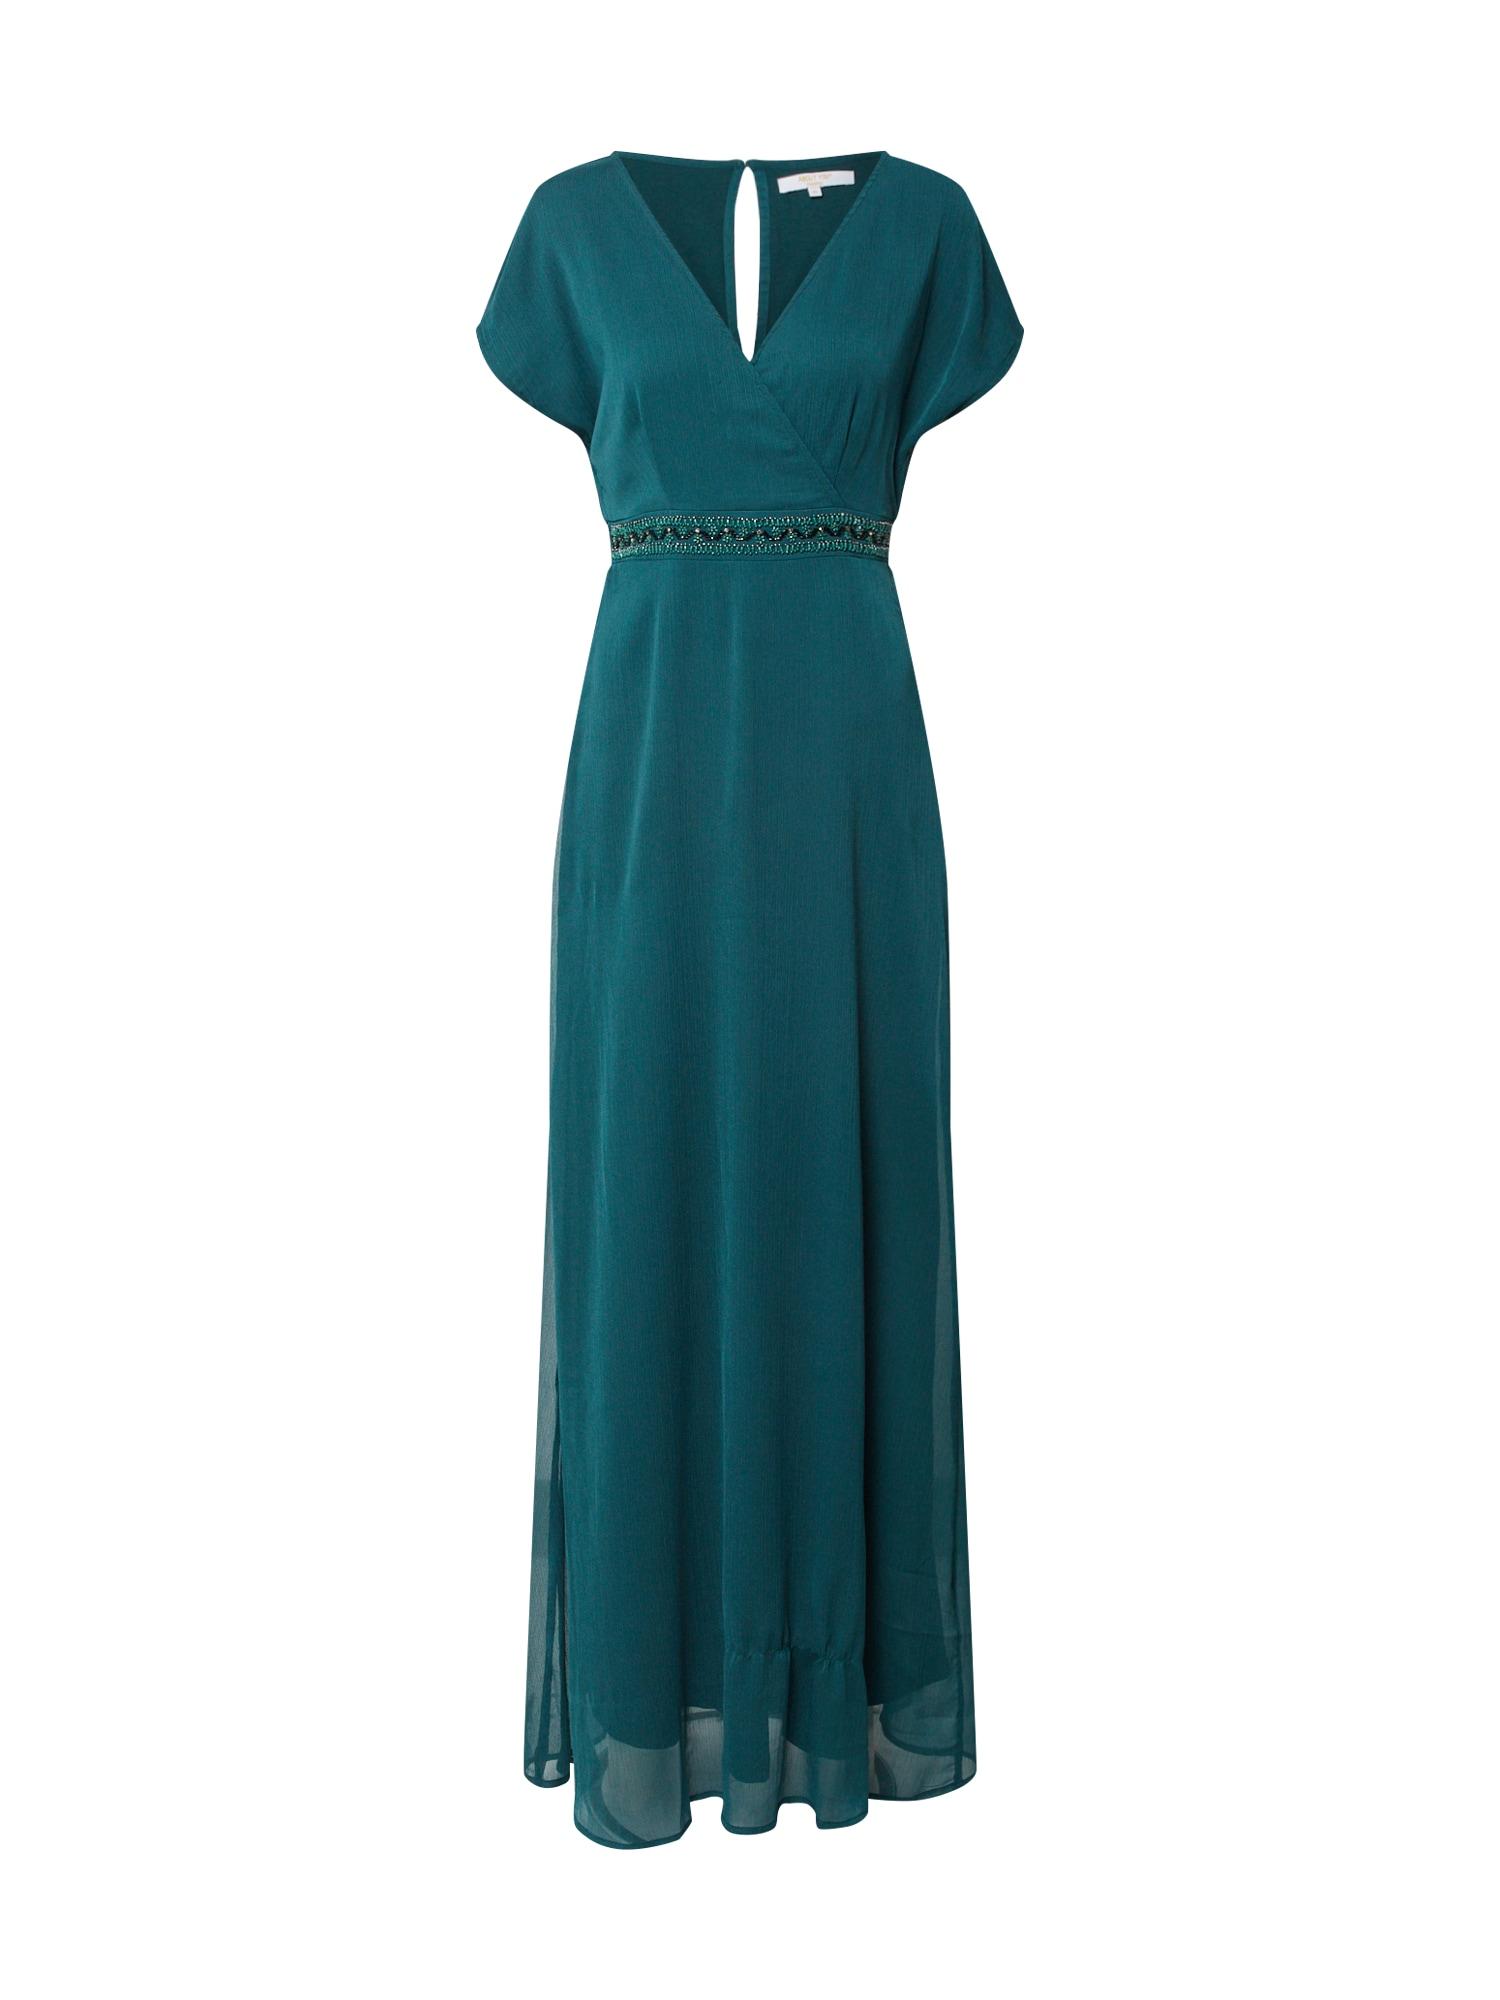 ABOUT YOU Vakarinė suknelė 'Inaya' smaragdinė spalva